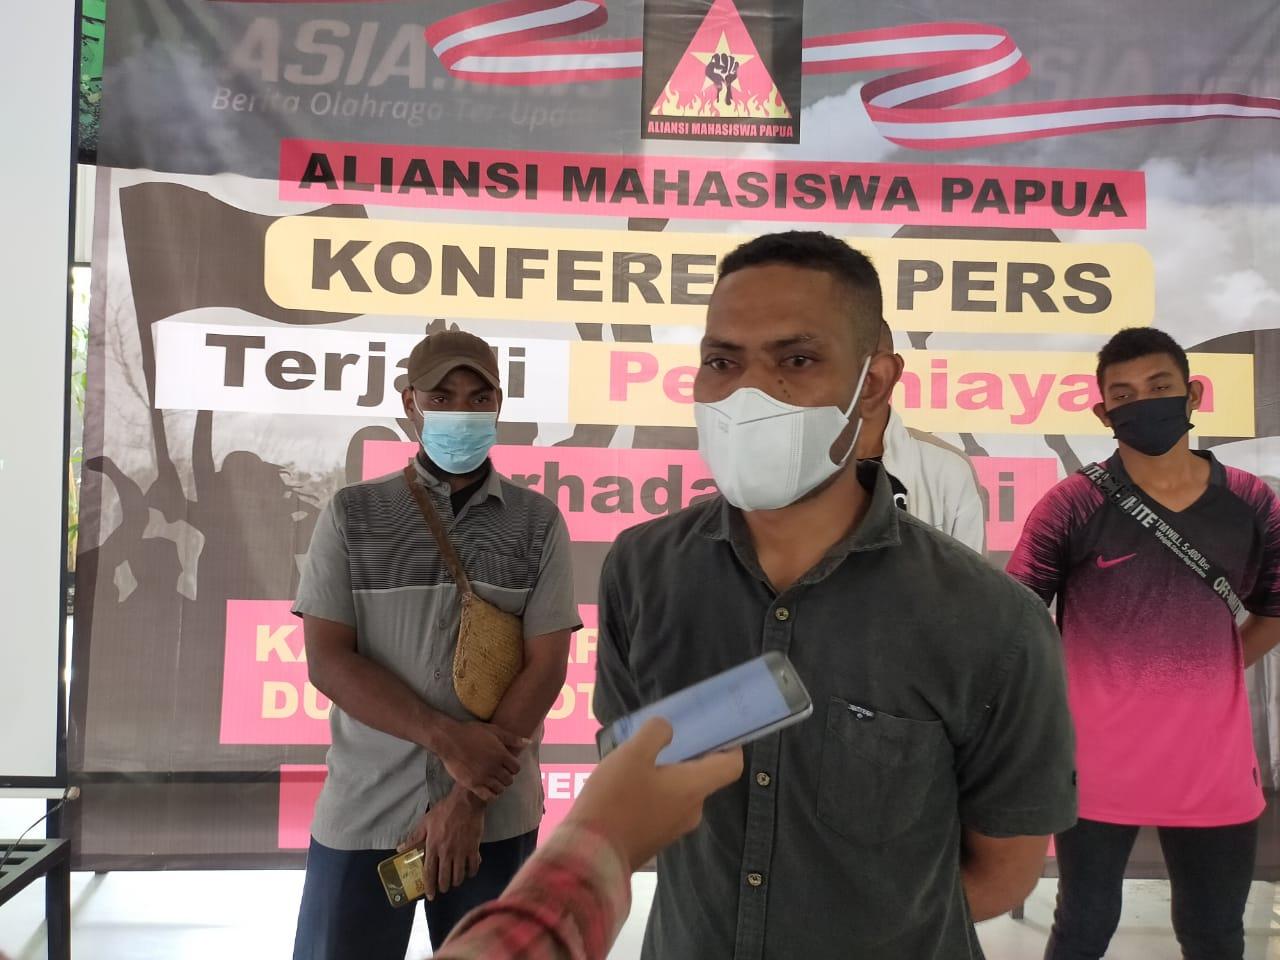 AMP Desak Pemerintah dan DPR Agar Segera Merevisi UU Otonomi Khusus Papua